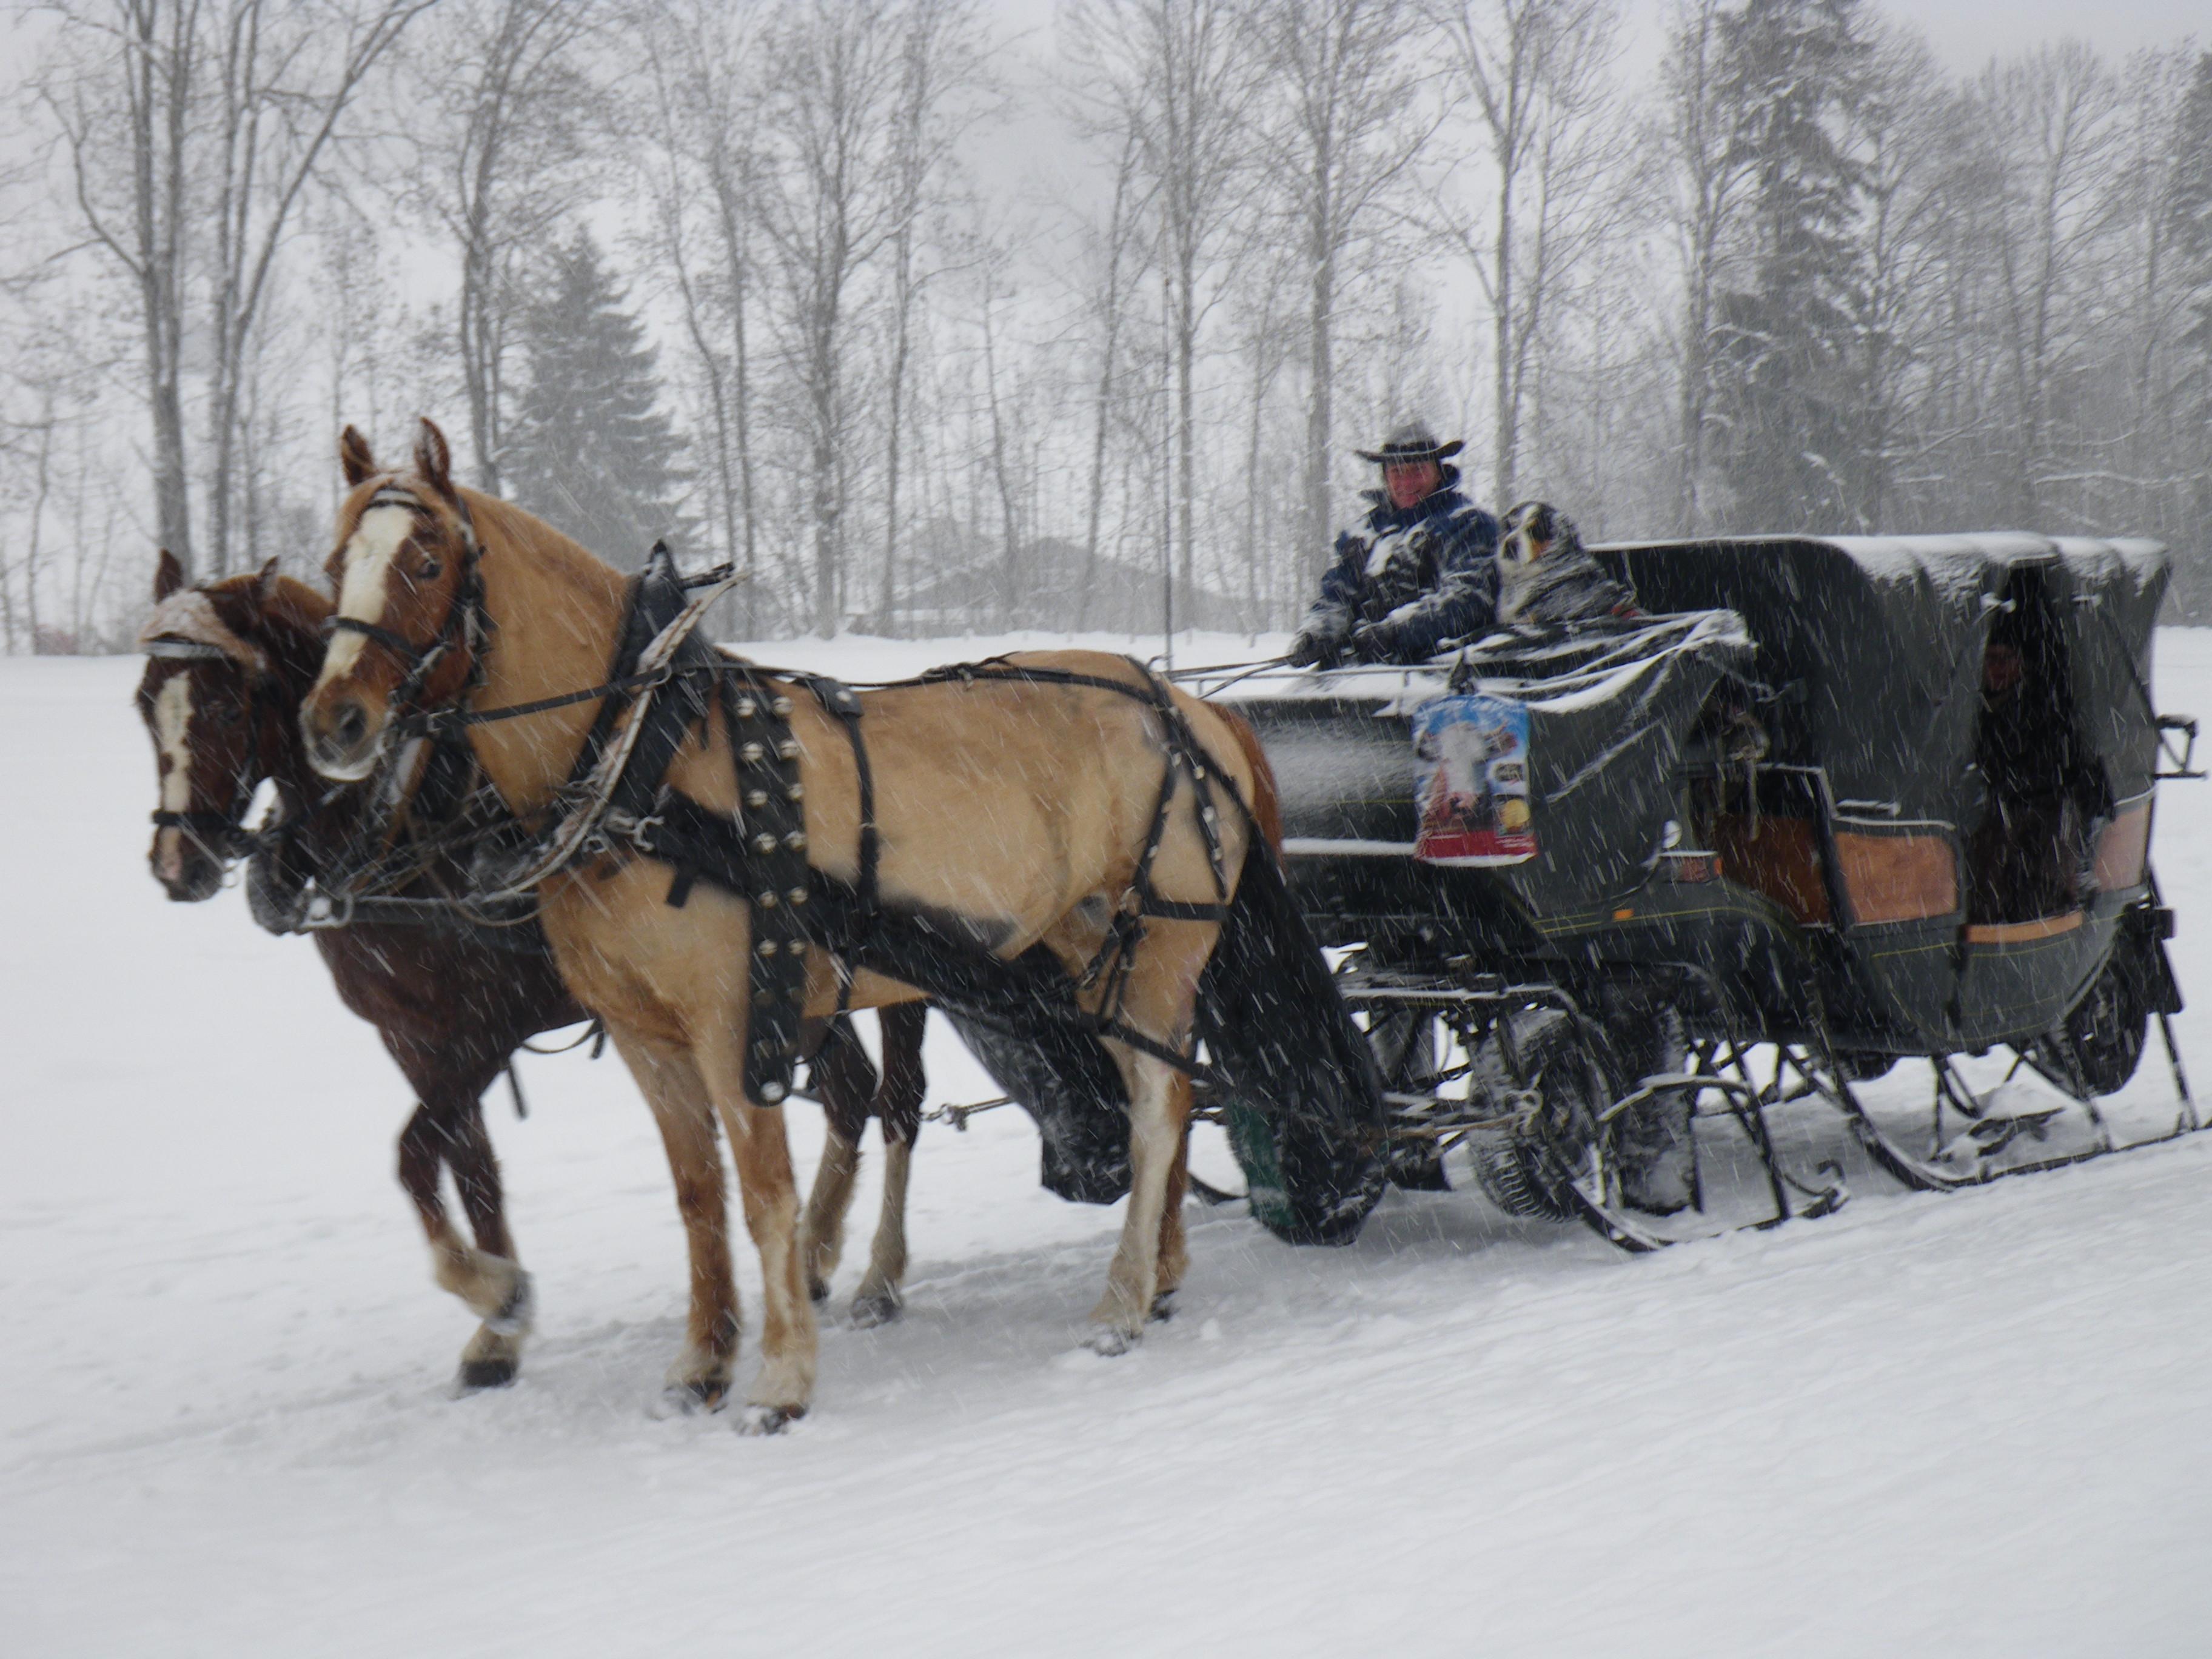 vongrünigen_winter13_264.JPG